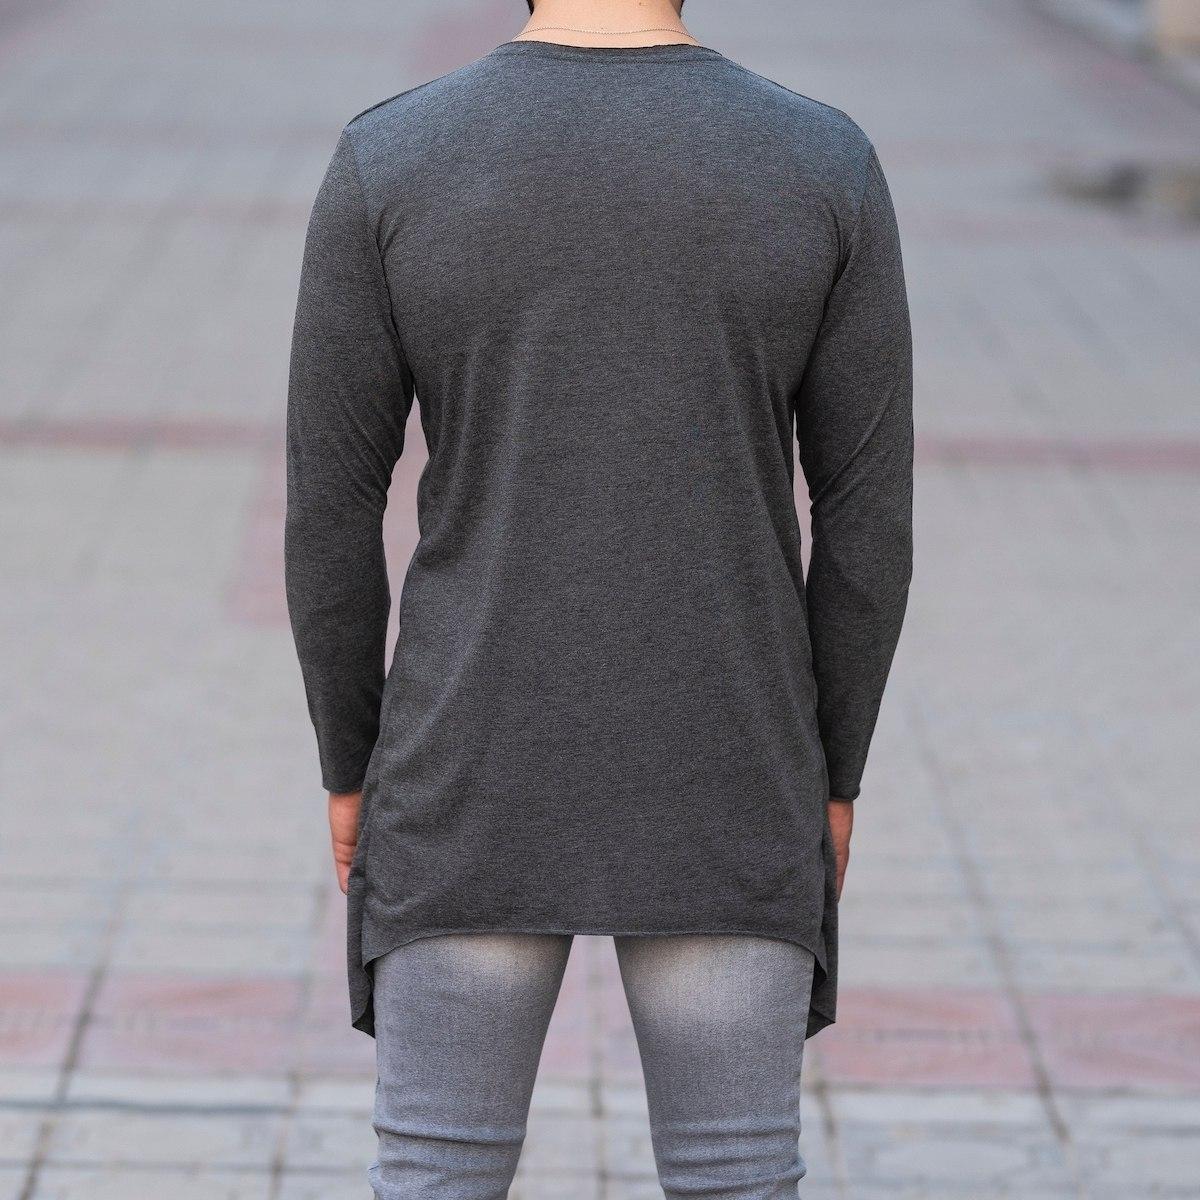 V-Layered Sweatshirt In Gray Mv Premium Brand - 4